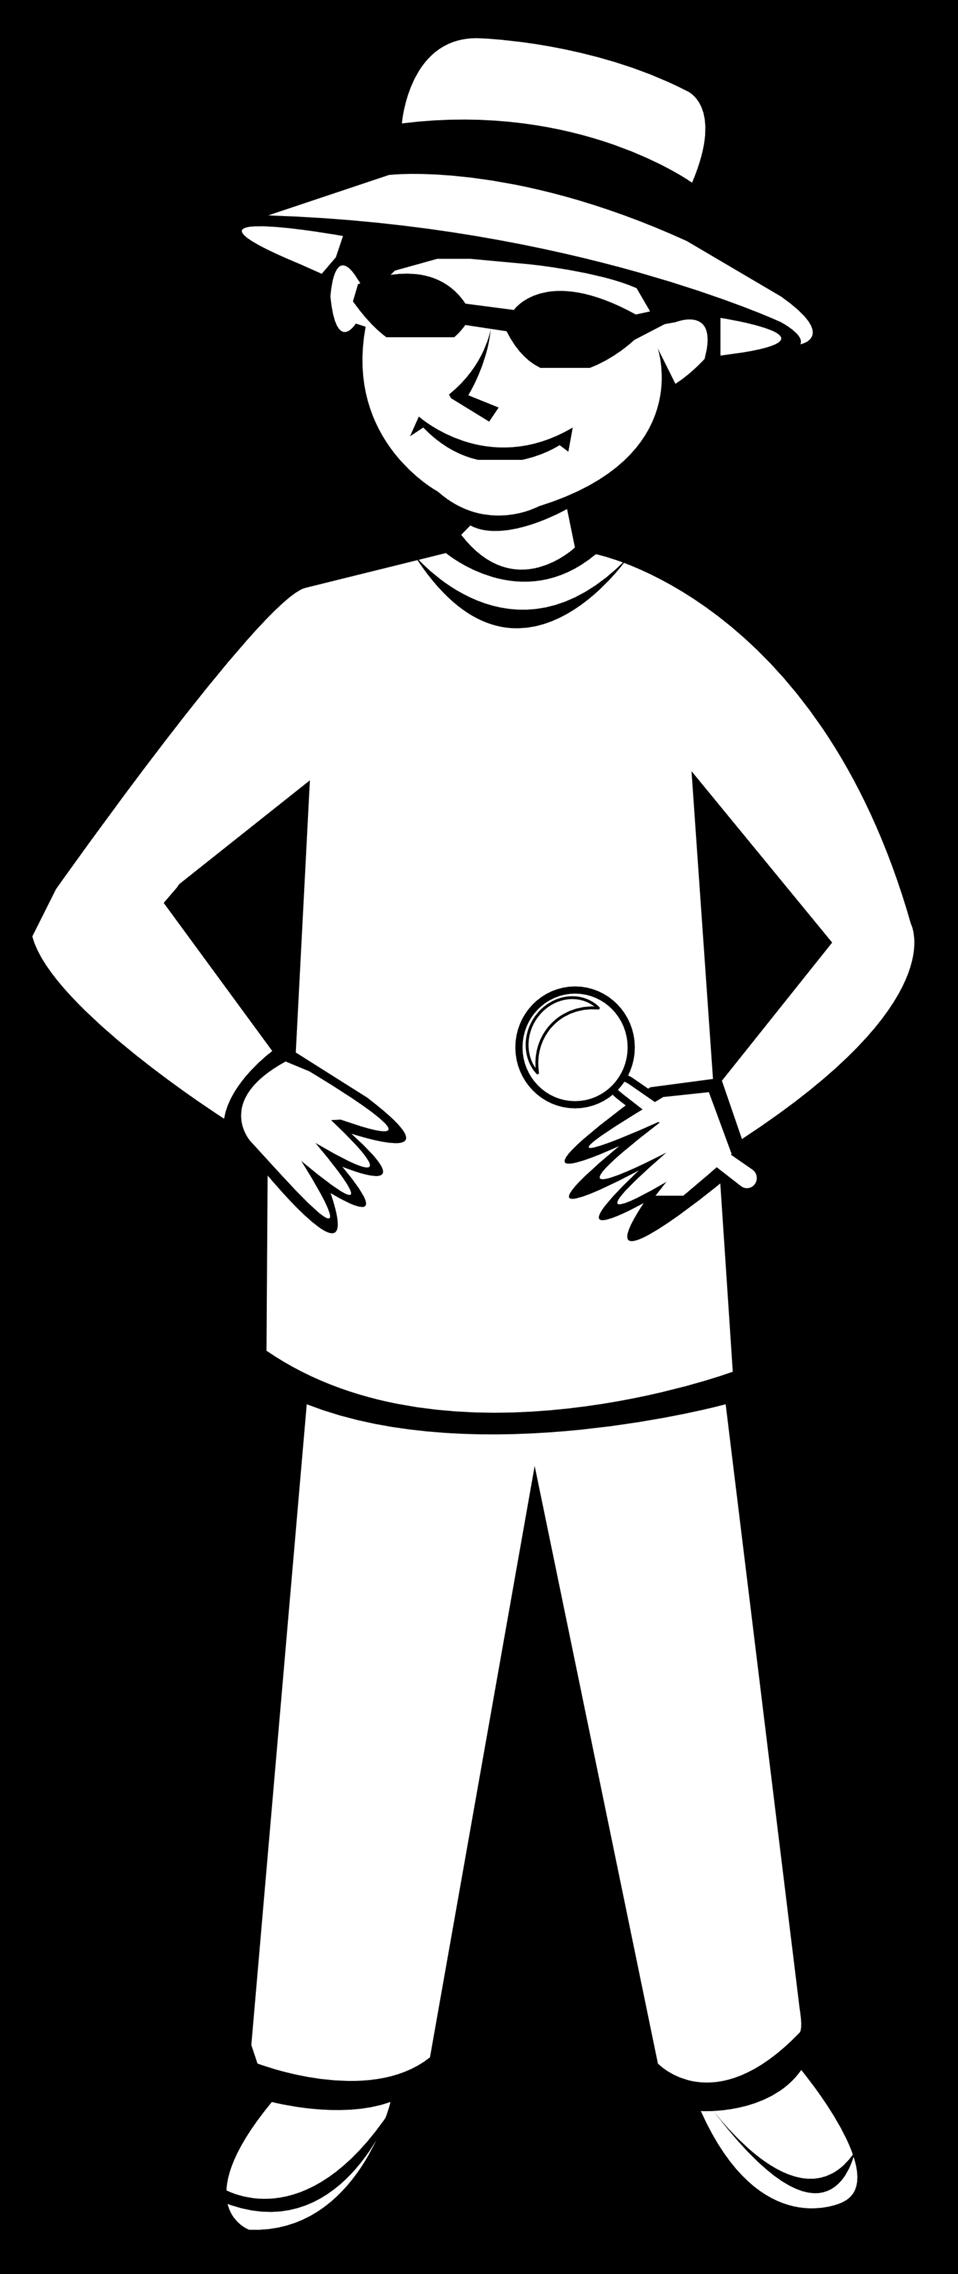 Clipart boy outline. Public domain clip art